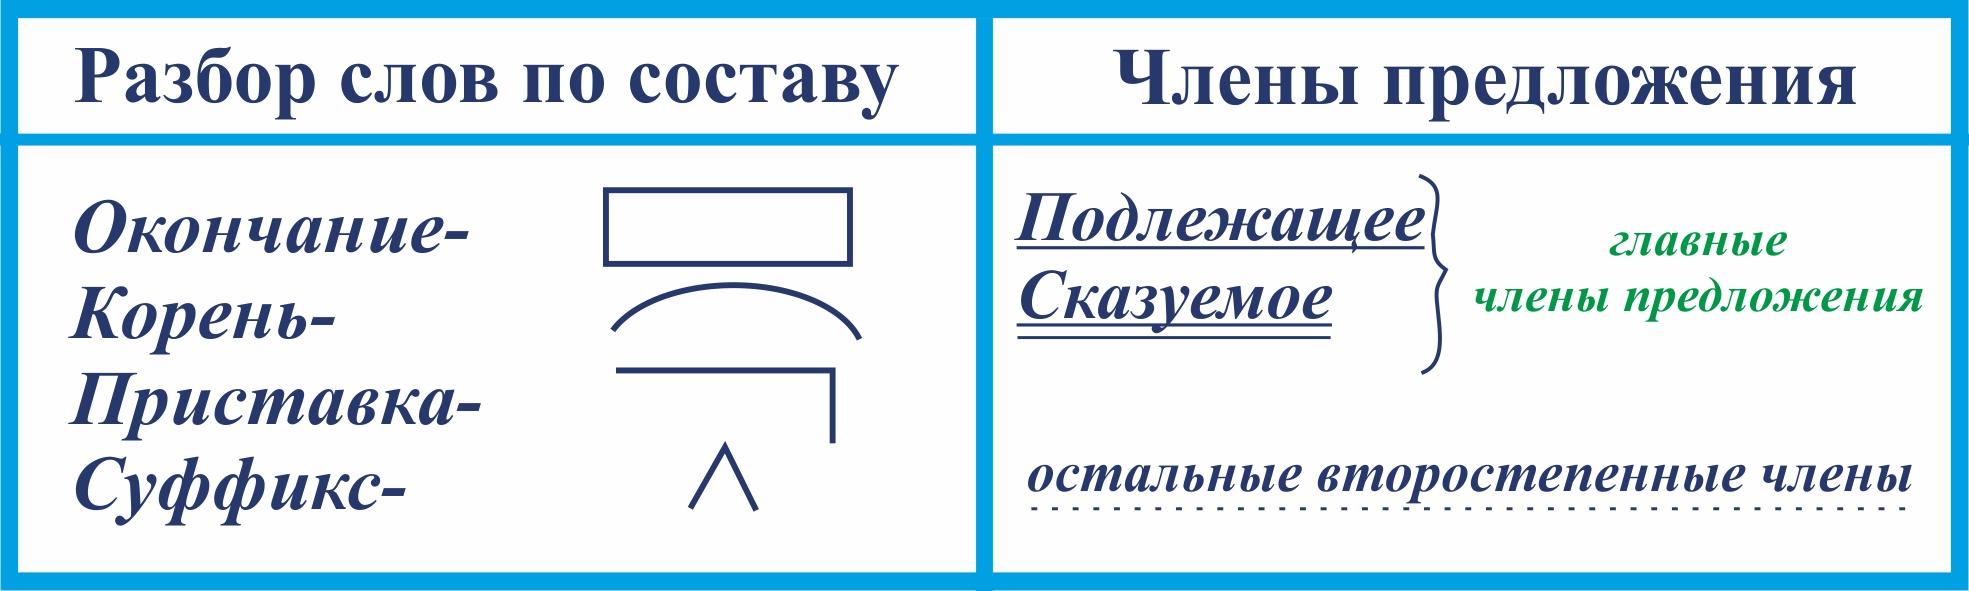 Предложение под схему и